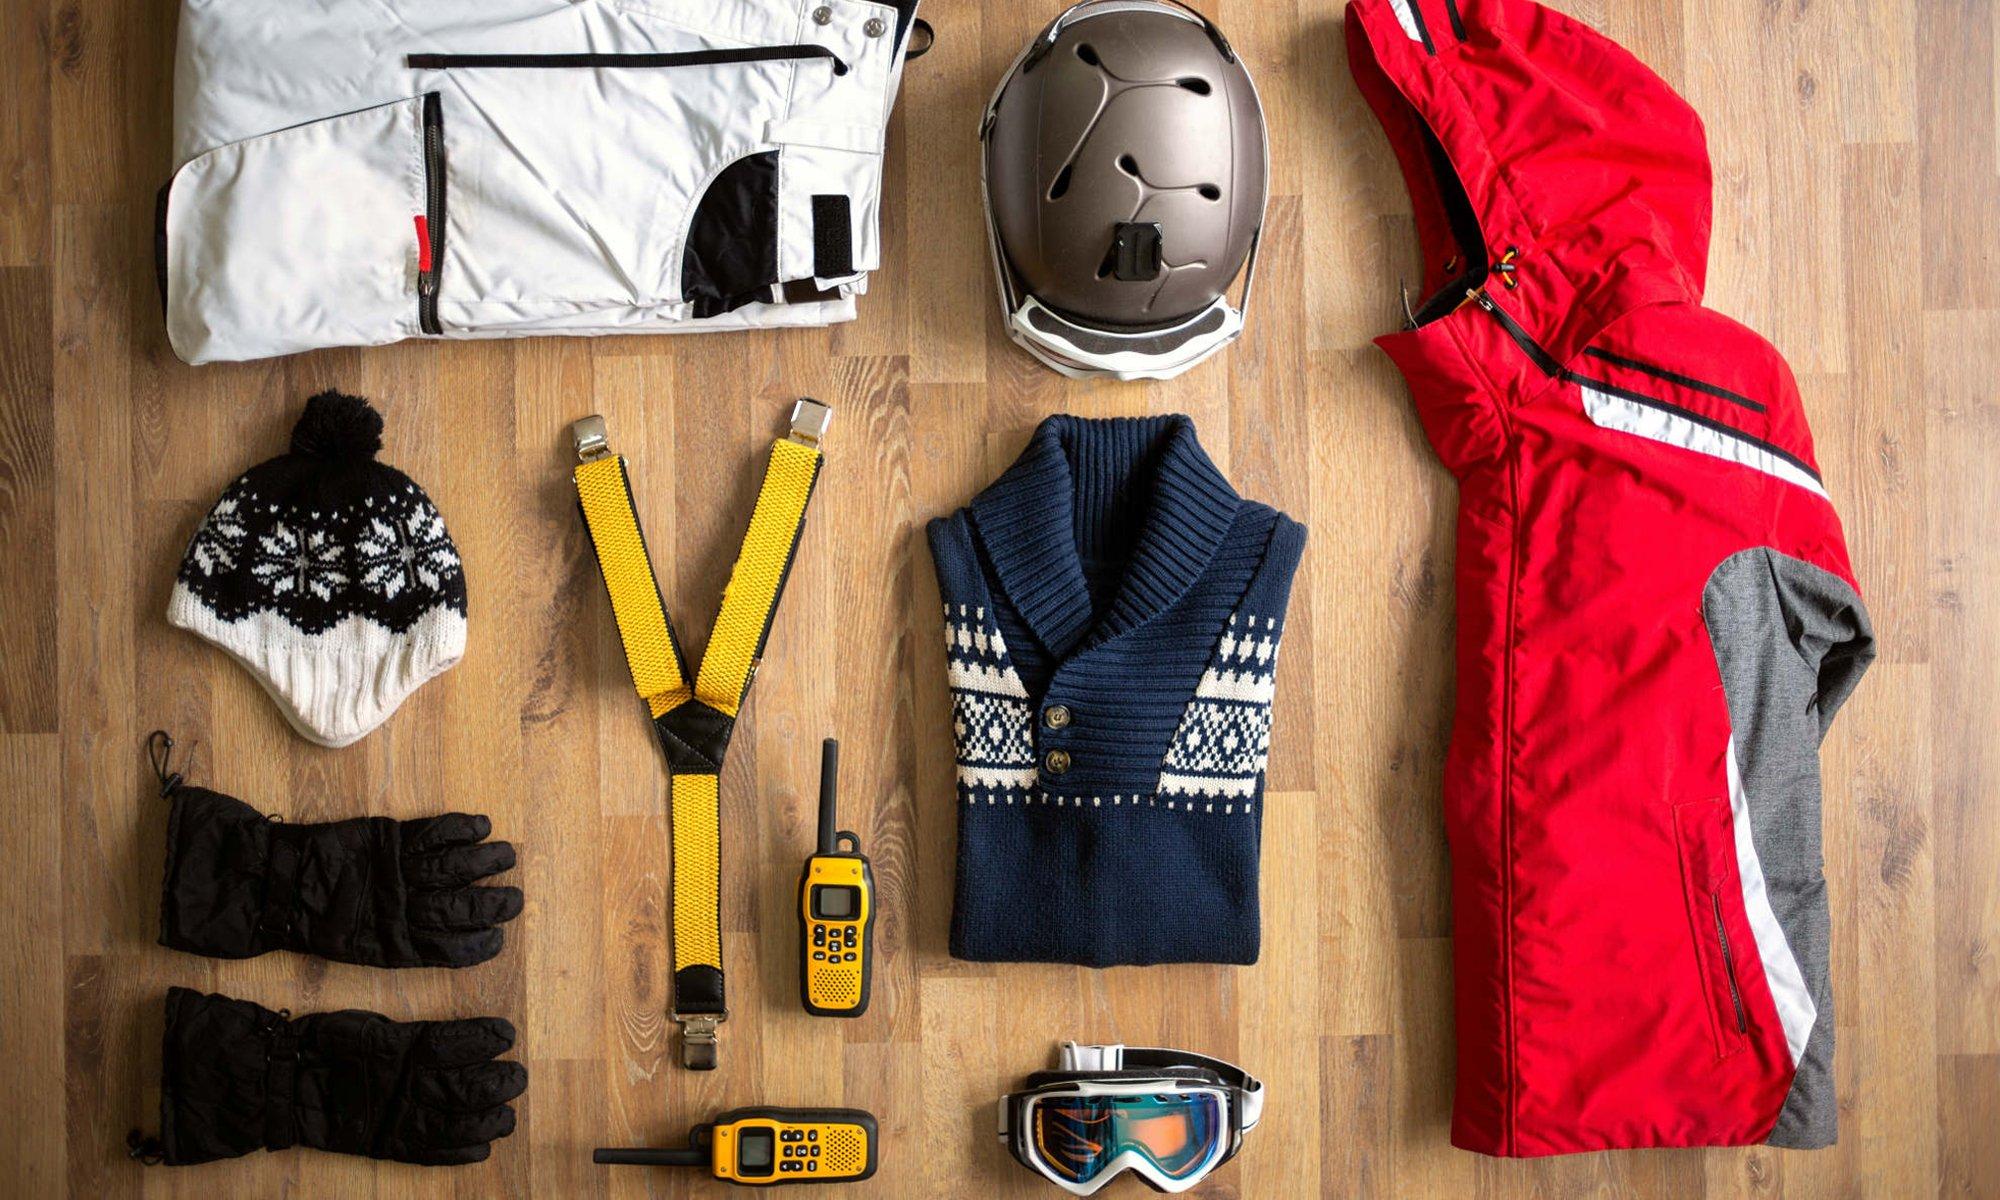 Een overzicht van alles wat je nodig hebt voor een perfecte dag op de piste zoals een skibroek en ski-jas, handschoenen, muts, skibril en een lekkere warme trui.